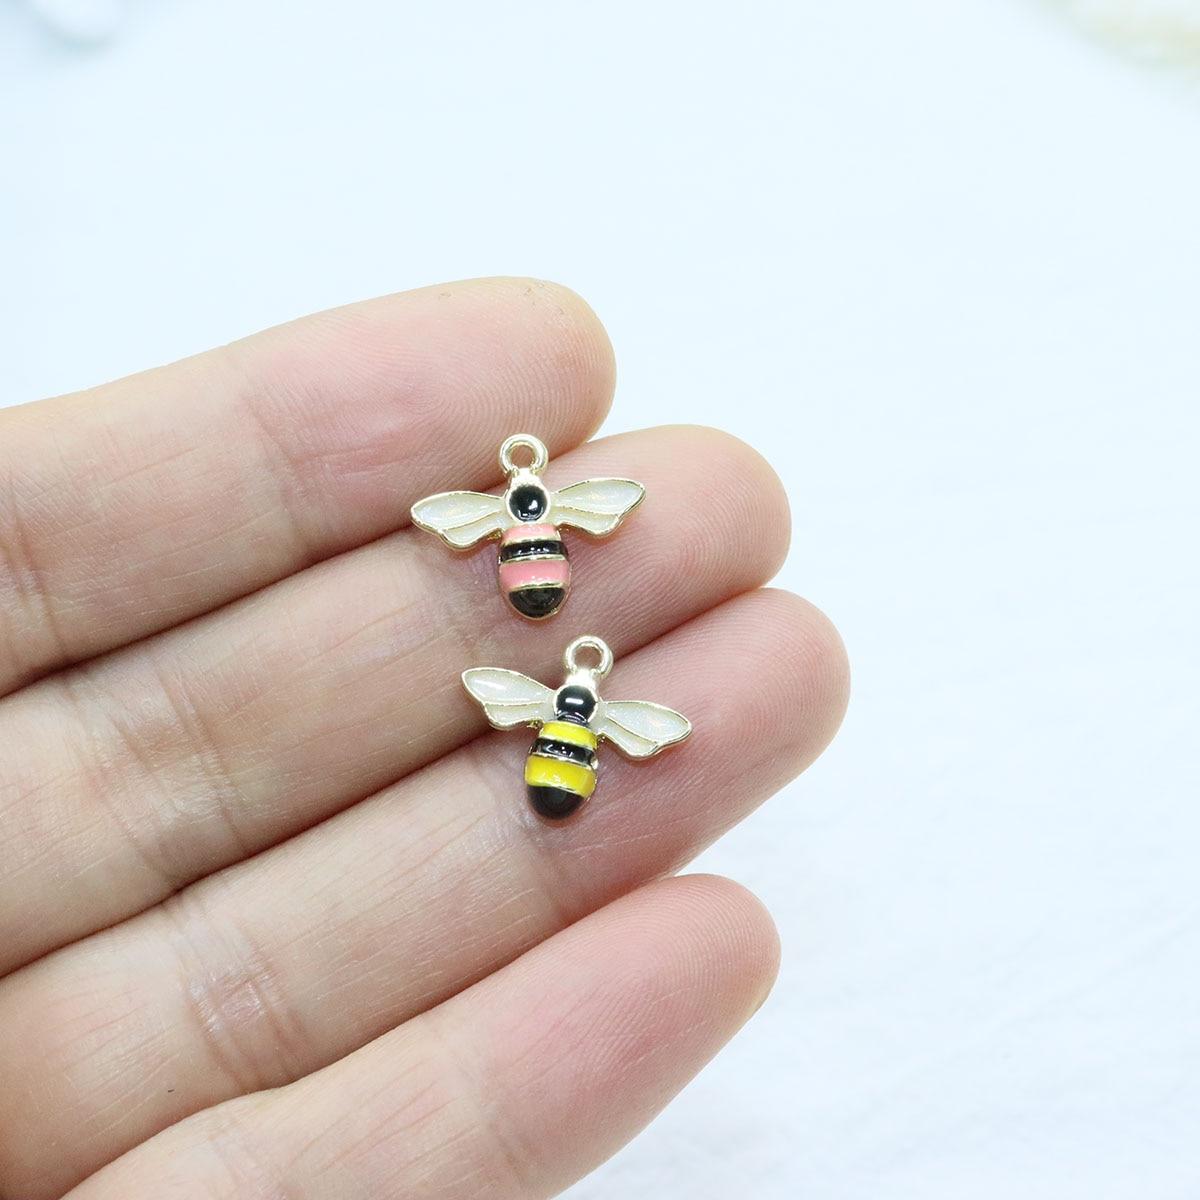 Eruifa 6 шт. 15 мм красивая эпоксидная пчела сплав цинка ювелирные изделия DIY Подвески ожерелье, серьги браслет 2 цвета